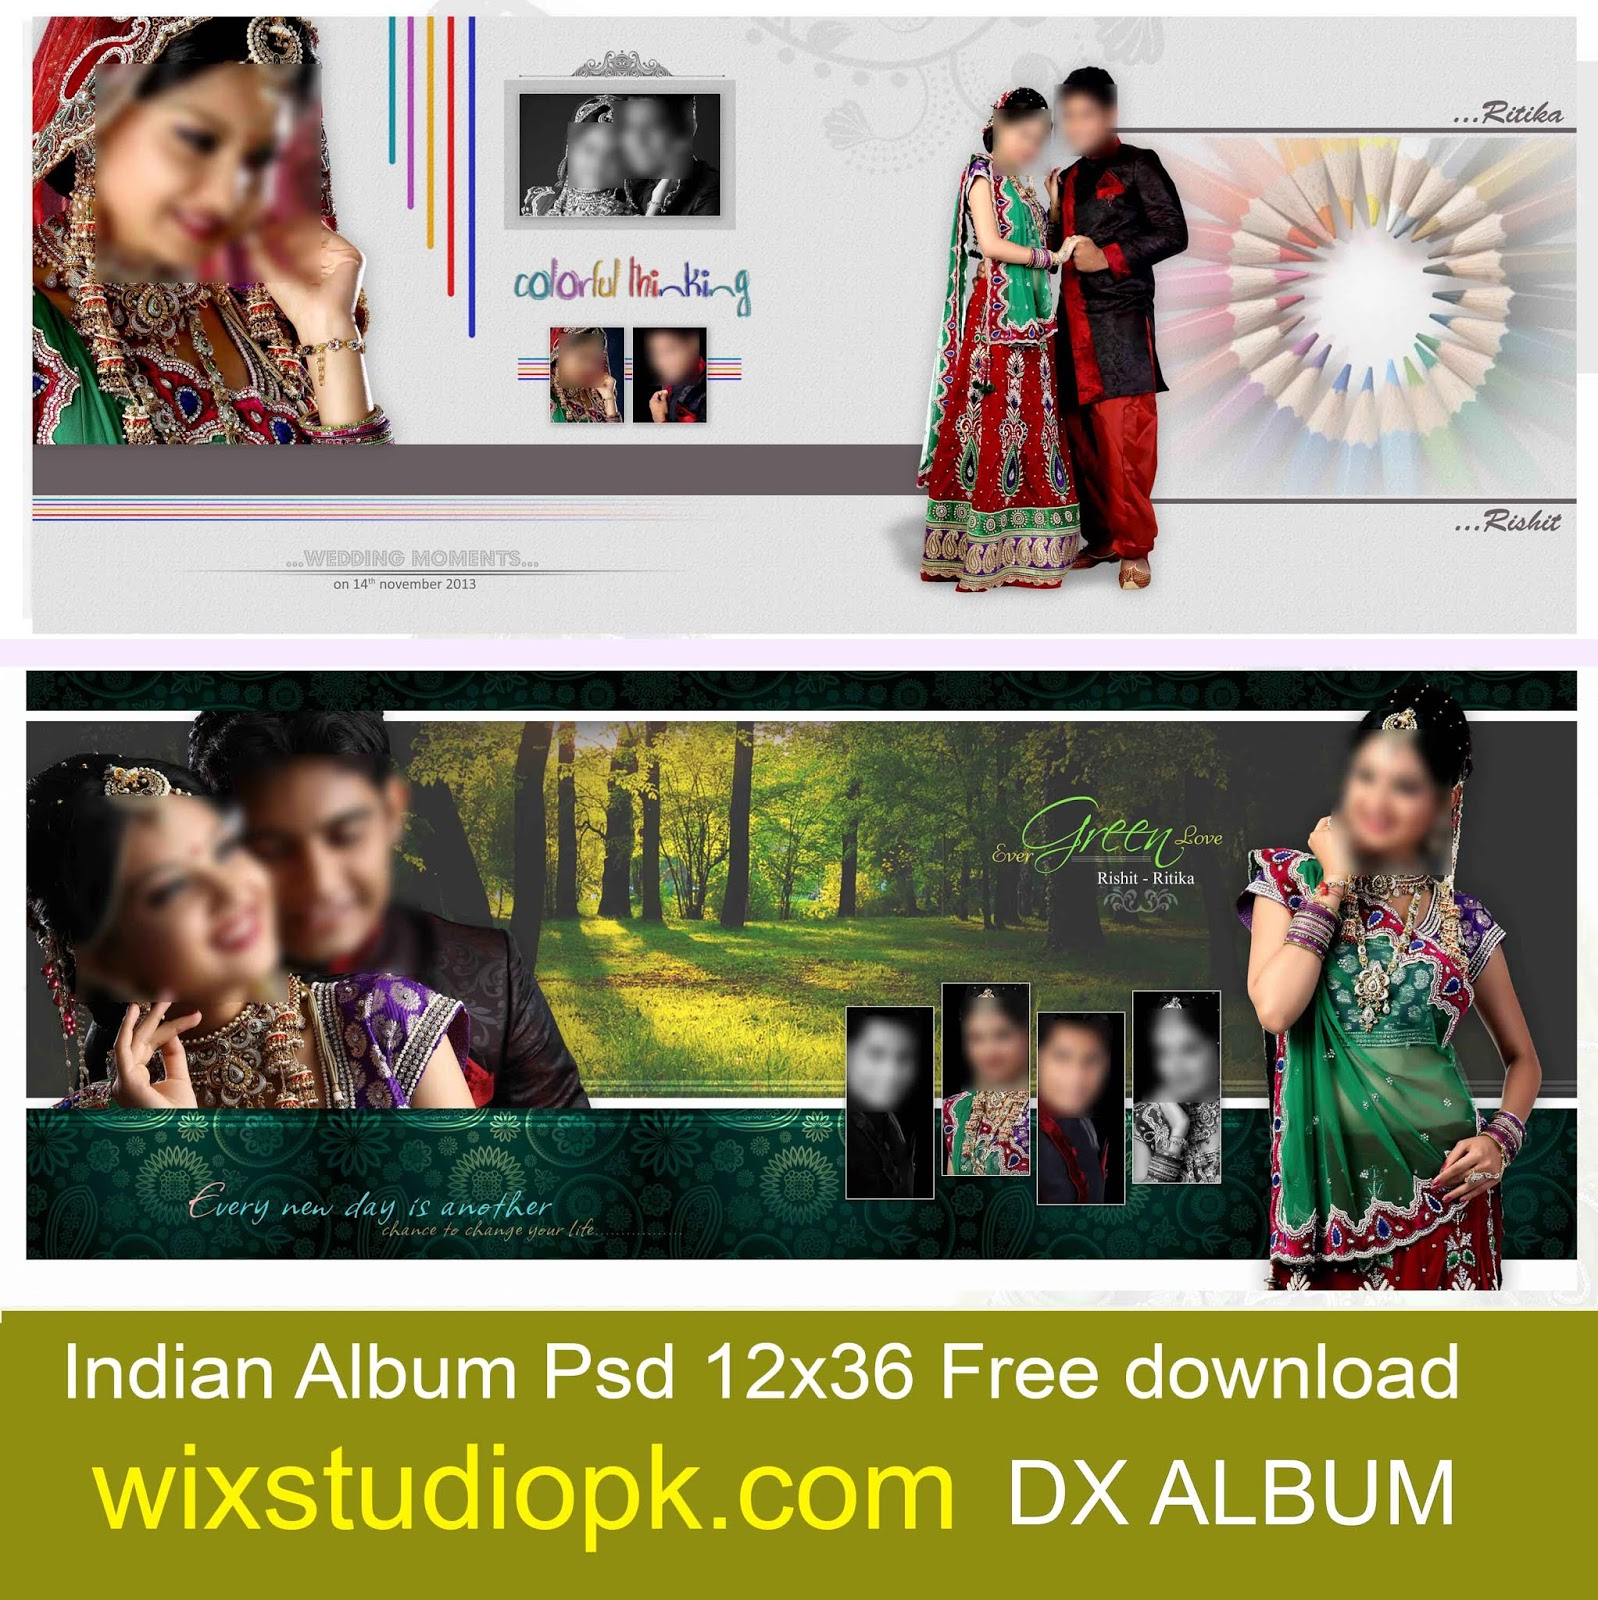 Dx Album Indian Album Psd 12x36 Wedding Album 12x36 Free